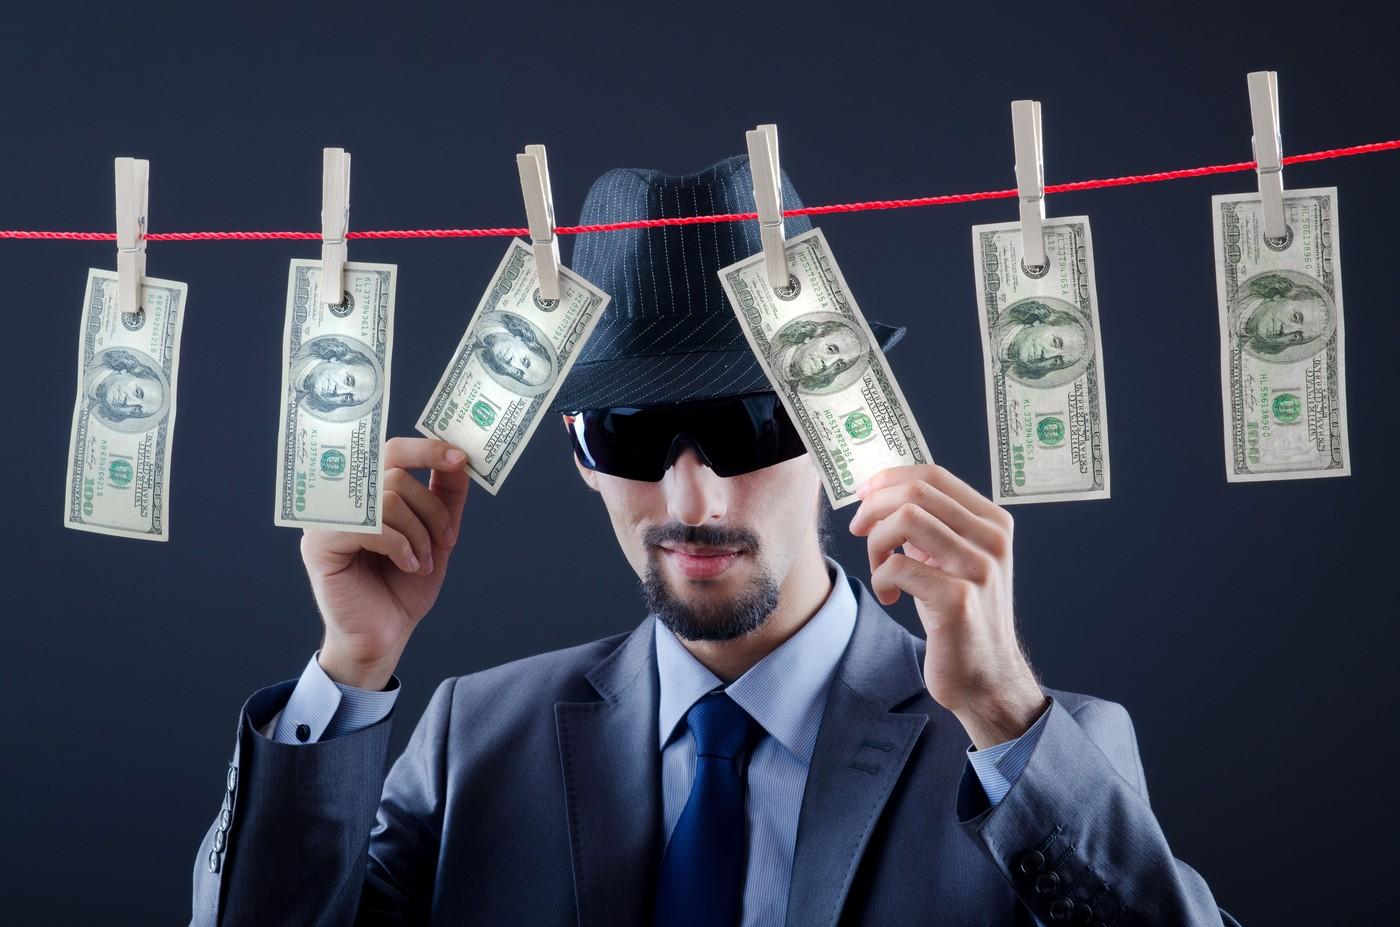 從兆豐57億罰款來看金融科技下的洗錢防制發展